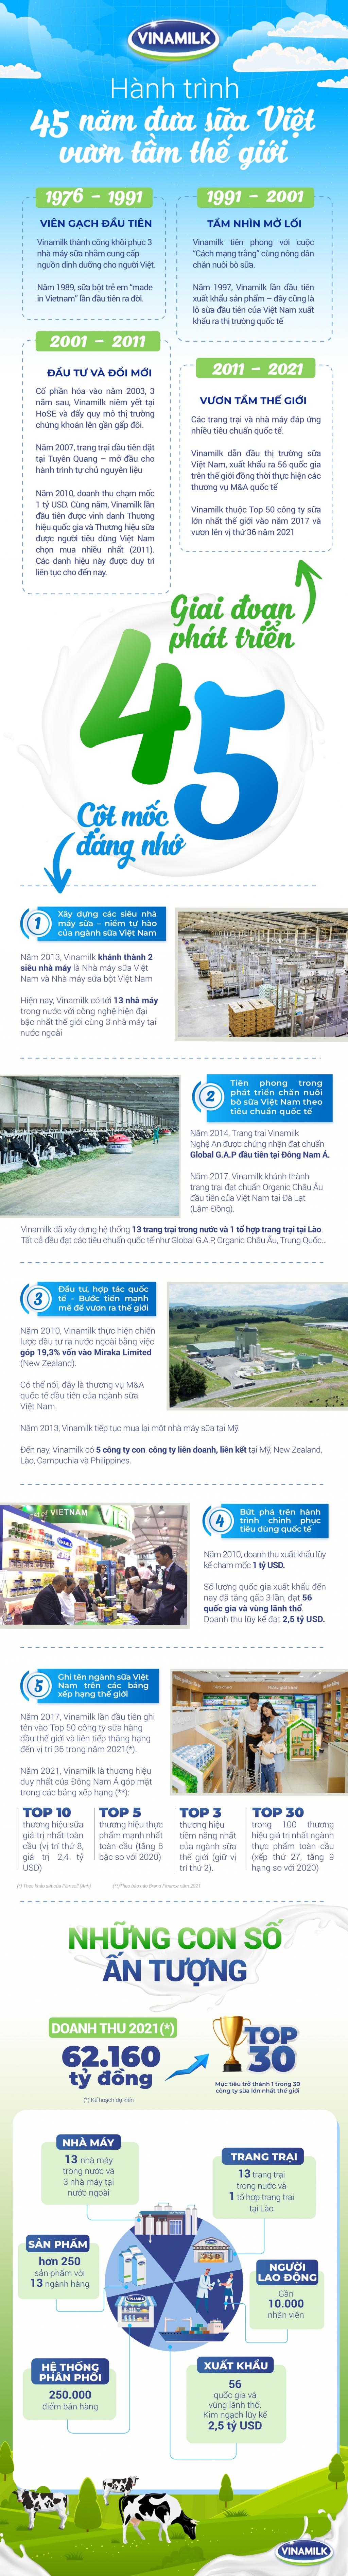 Vinamilk và những dấu ấn trong hành trình 45 năm nâng tầm sữa Việt